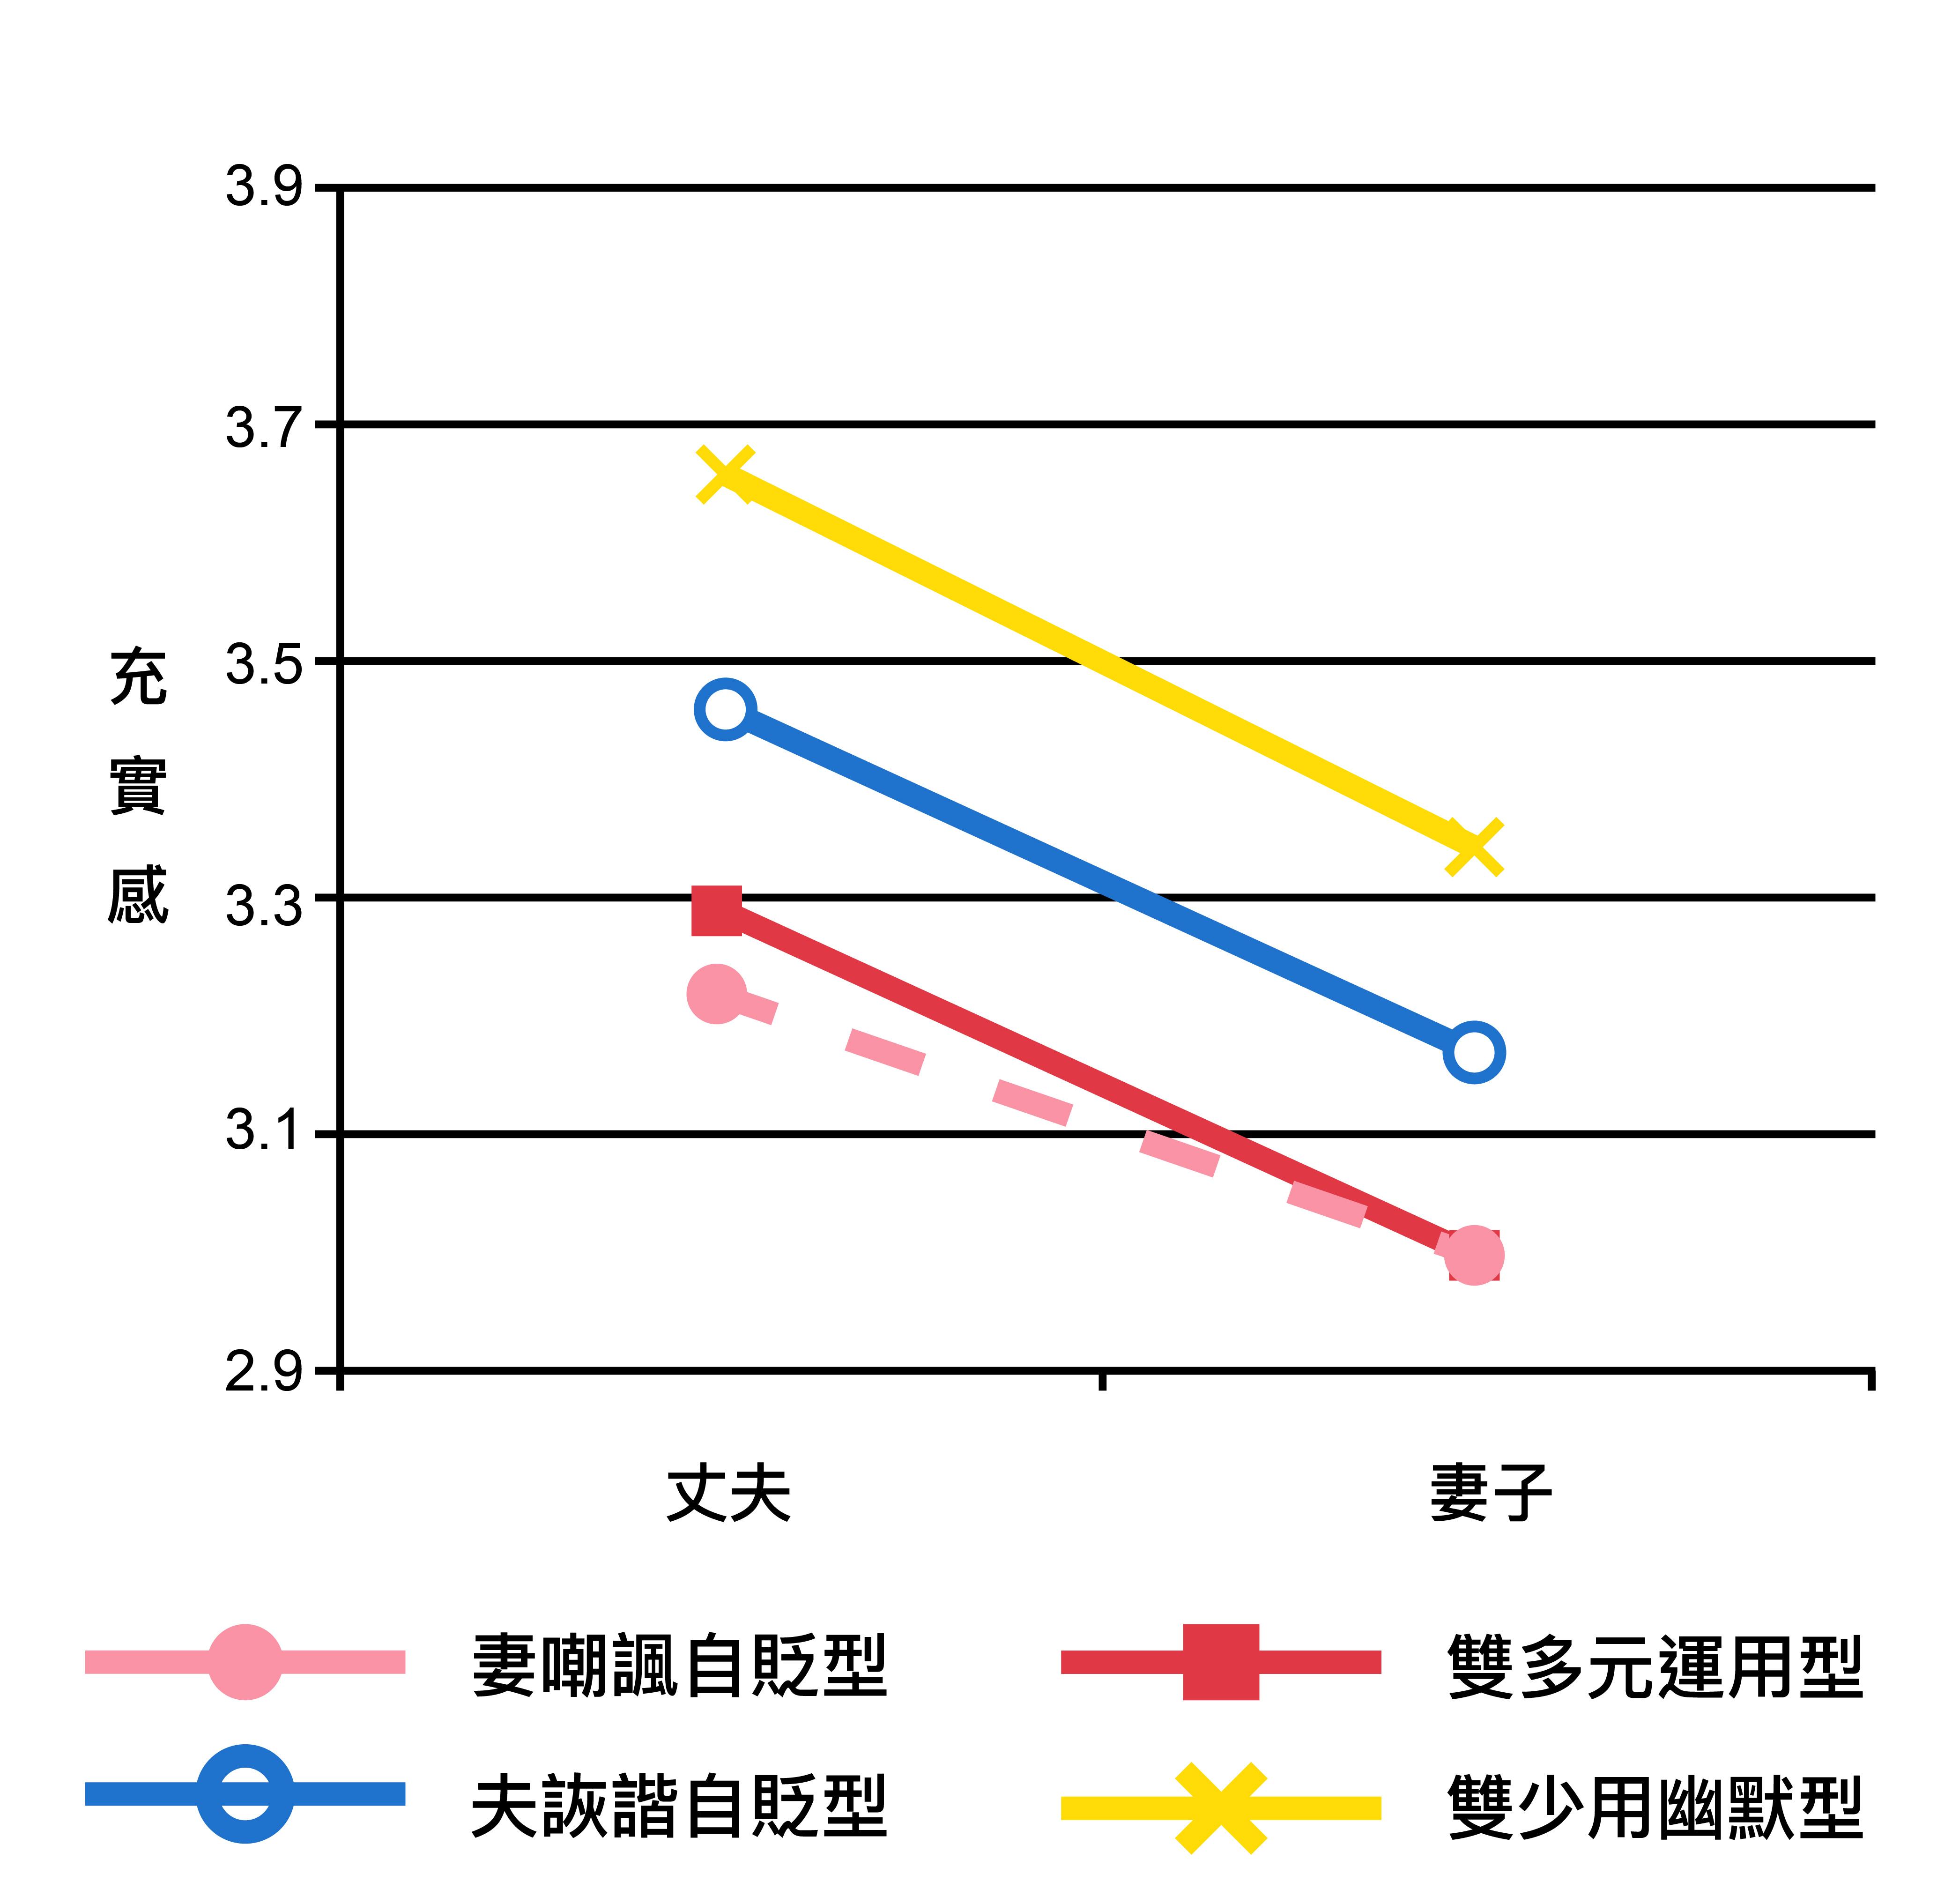 婚姻的「充實感」分數,在四種幽默運用類型的夫妻間的差異。資料來源│周玉慧 (2018)。〈夫妻間幽默運用及其影響〉。《中華心理學刊》,60,33-55。 圖說重製│張語辰